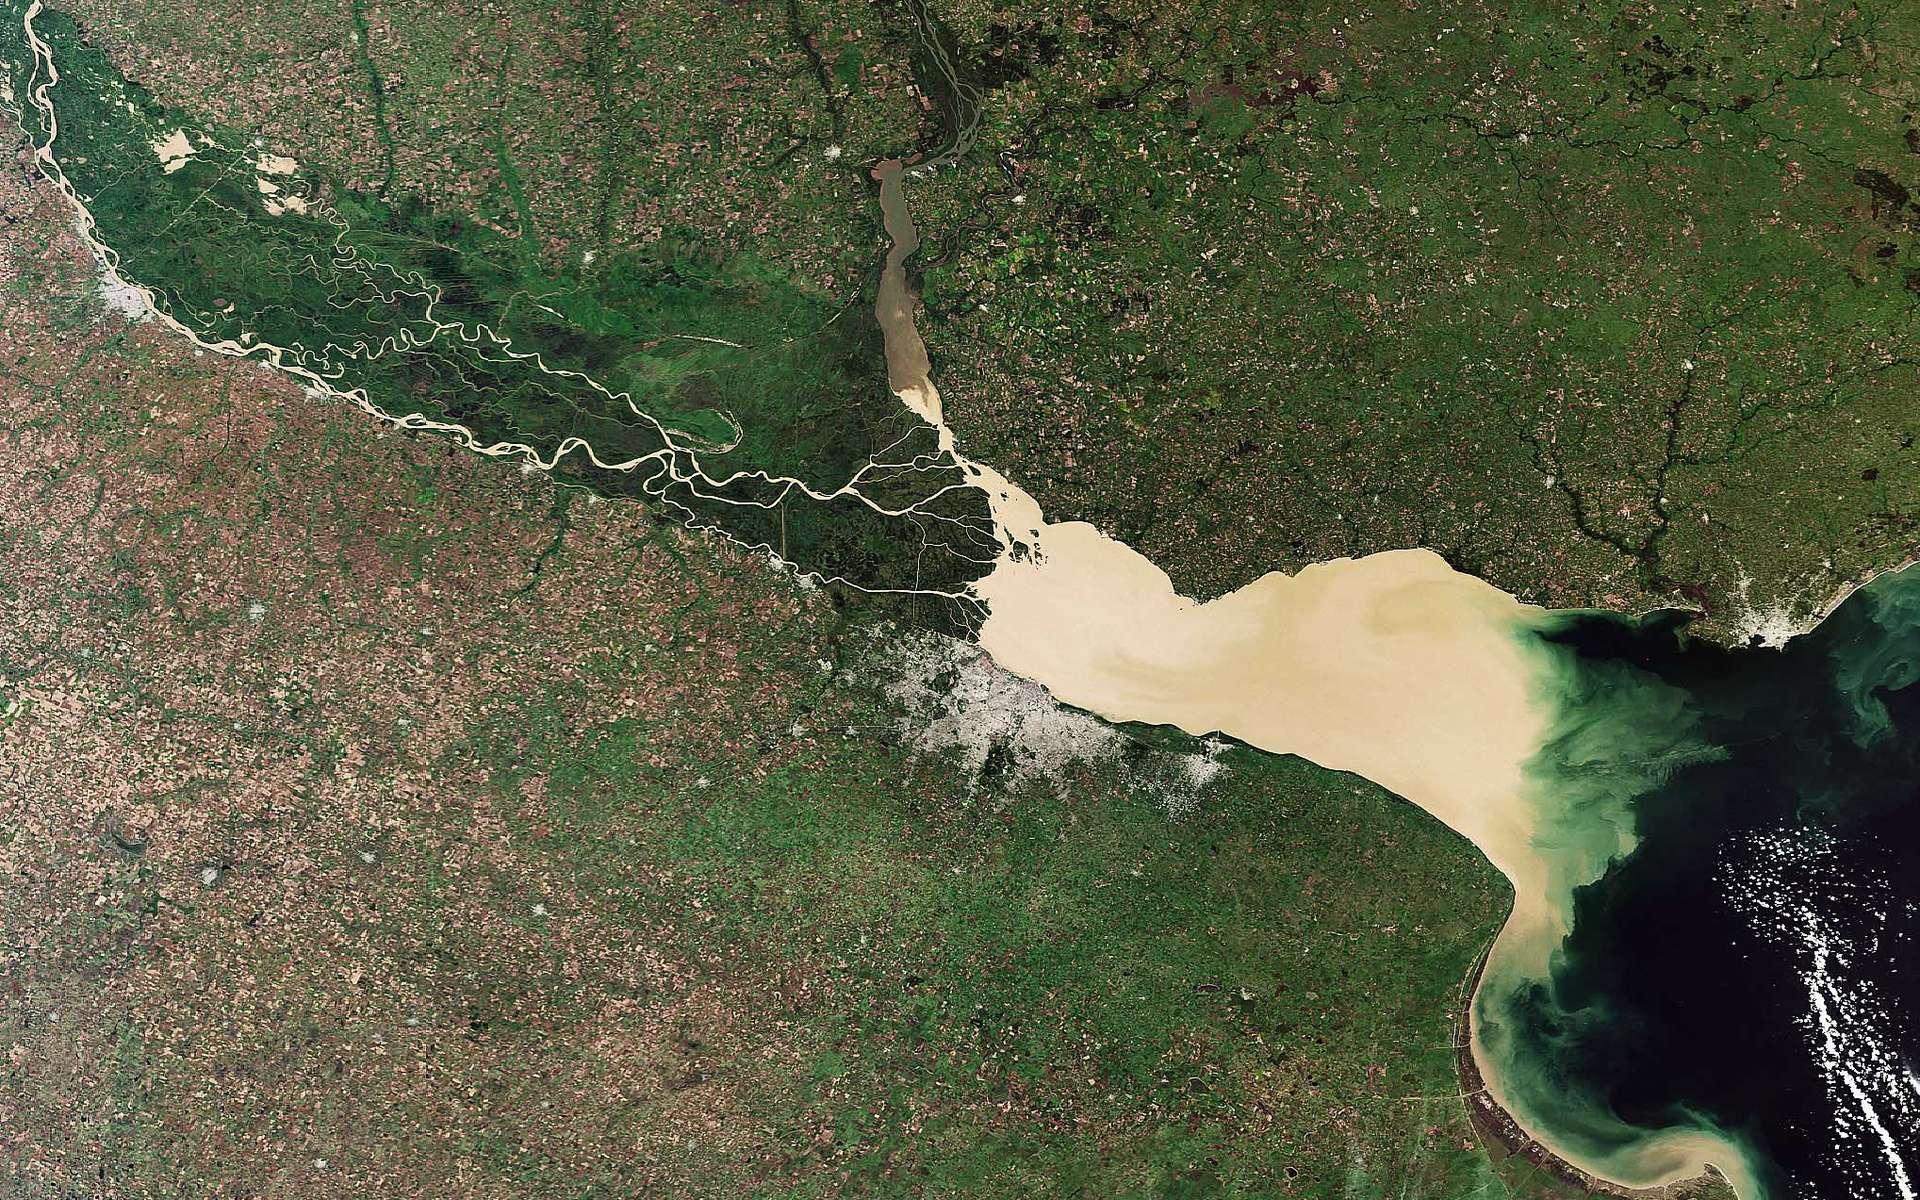 Buenos Aires apparaît ici comme une zone grise sur la rive australe du Rio de la Plata, dont les eaux sont chargées de sédiments, flanquée d'une seconde petite tache qui marque la capitale provinciale de La Plata, un peu plus à l'est. Crédit Esa